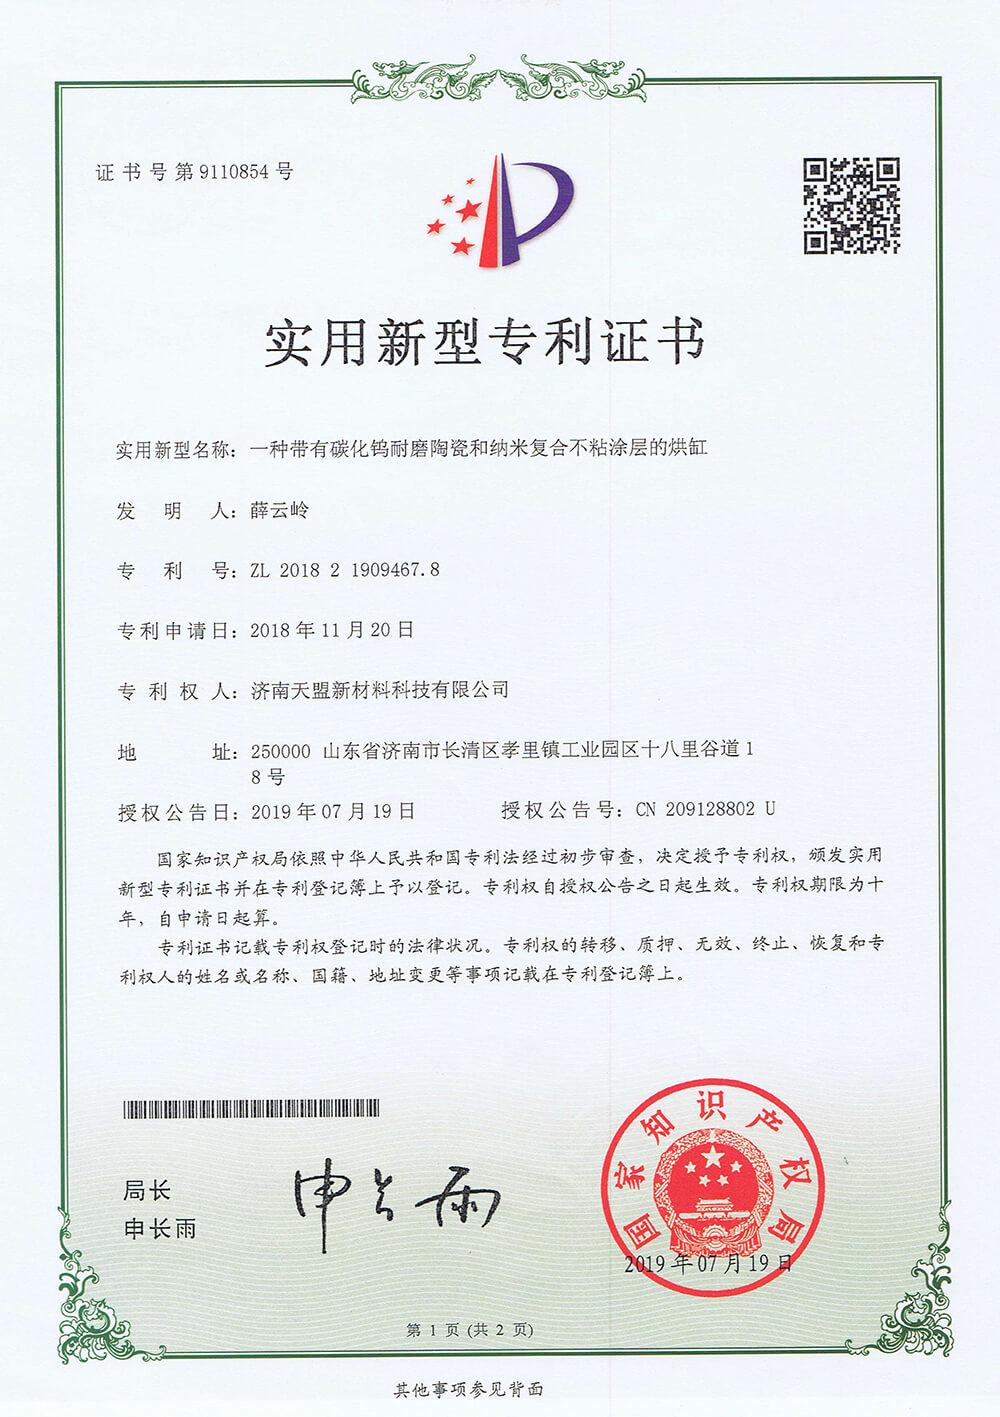 陶瓷刮刀加工公司专利